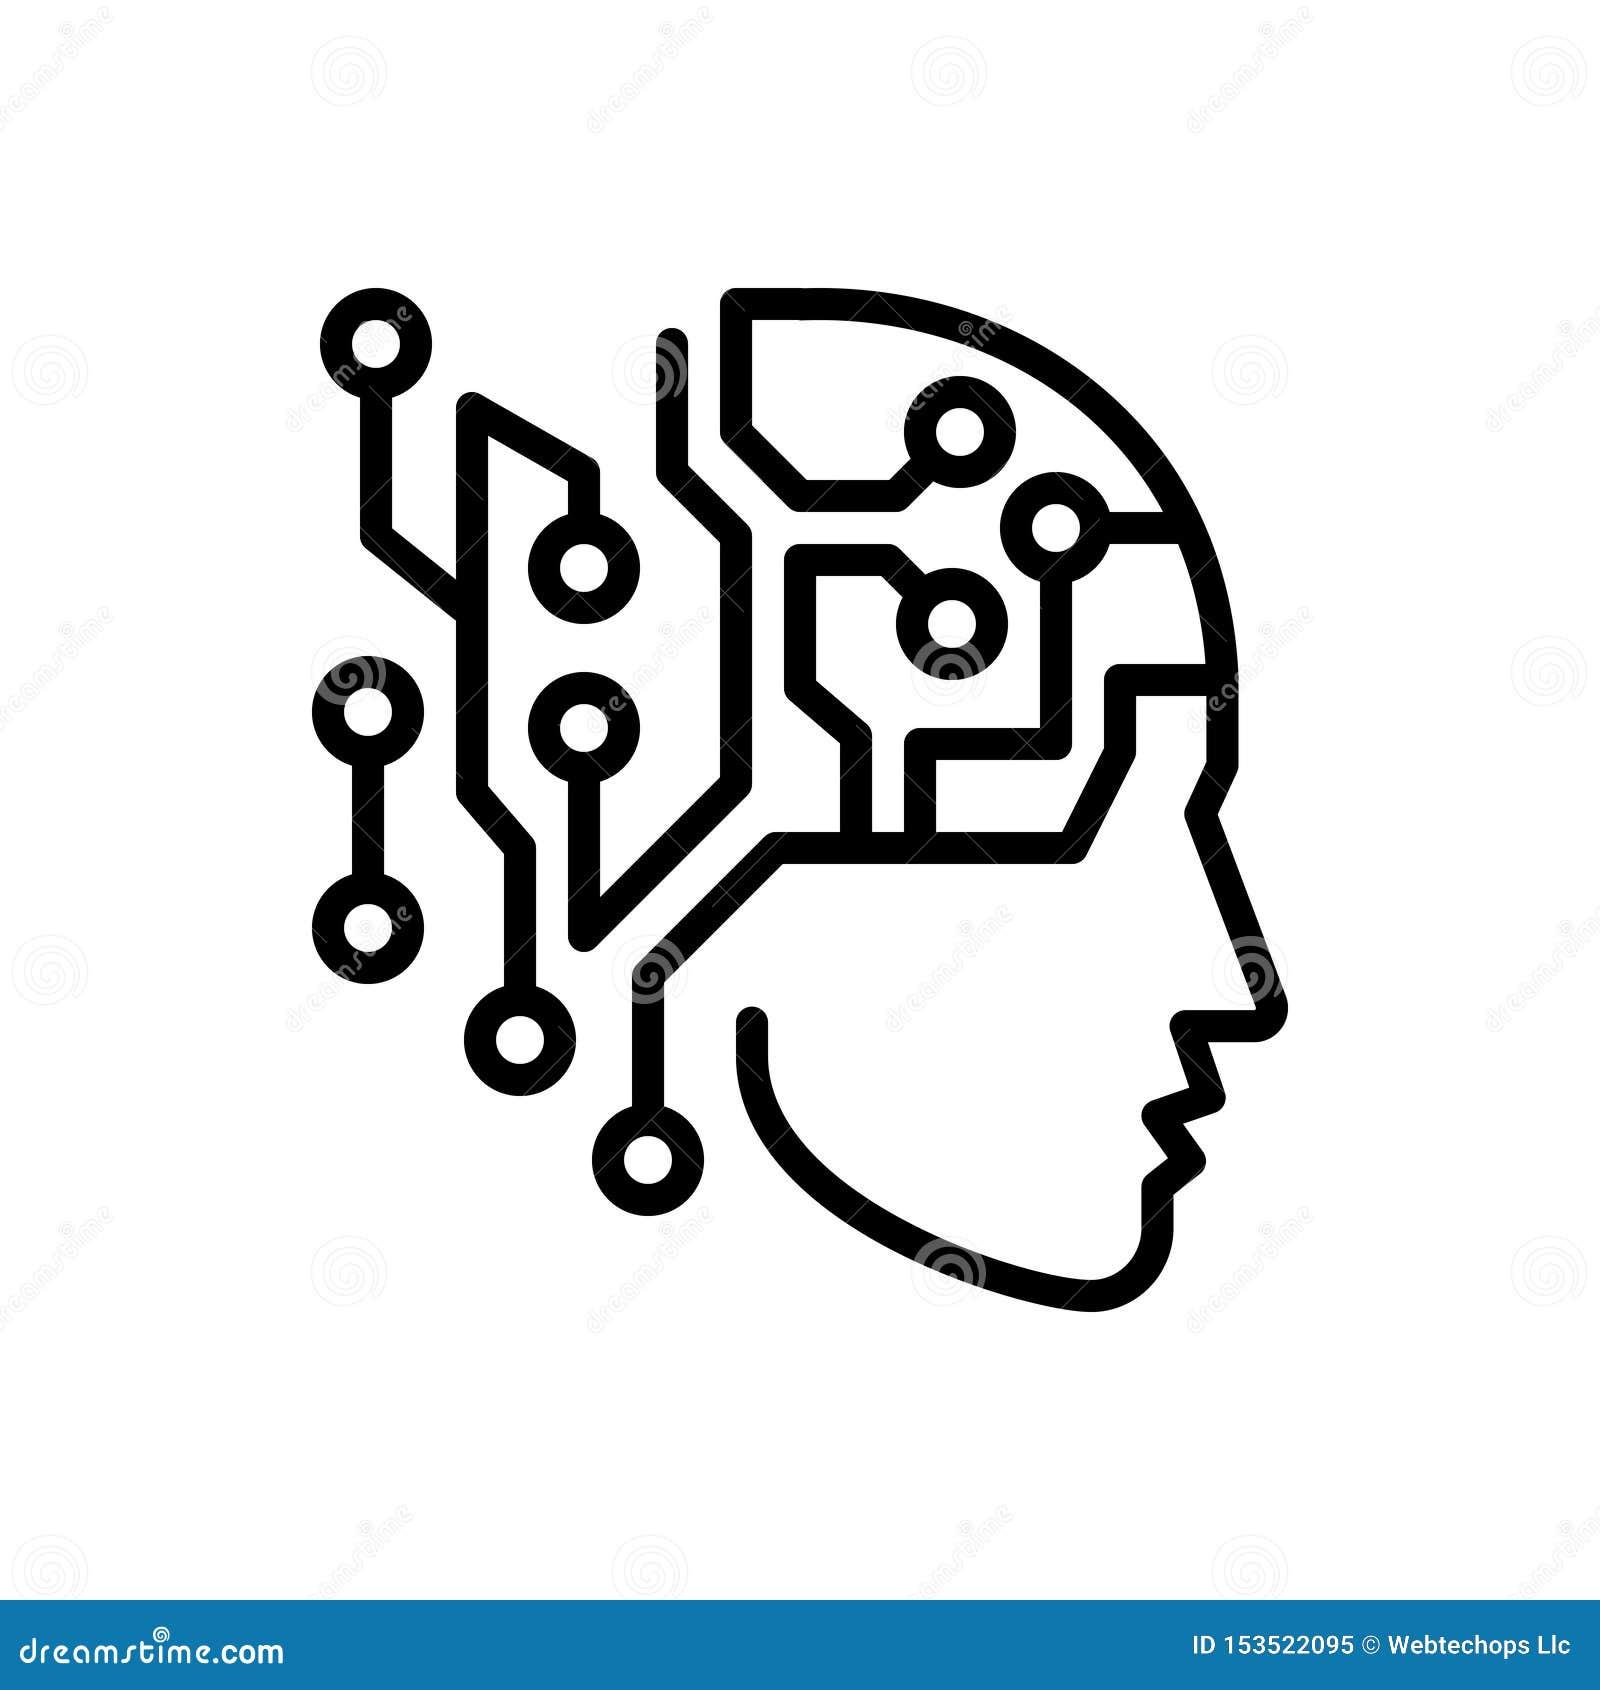 Schwarze Linie Ikone für künstliche Intelligenz, künstliches und Chip